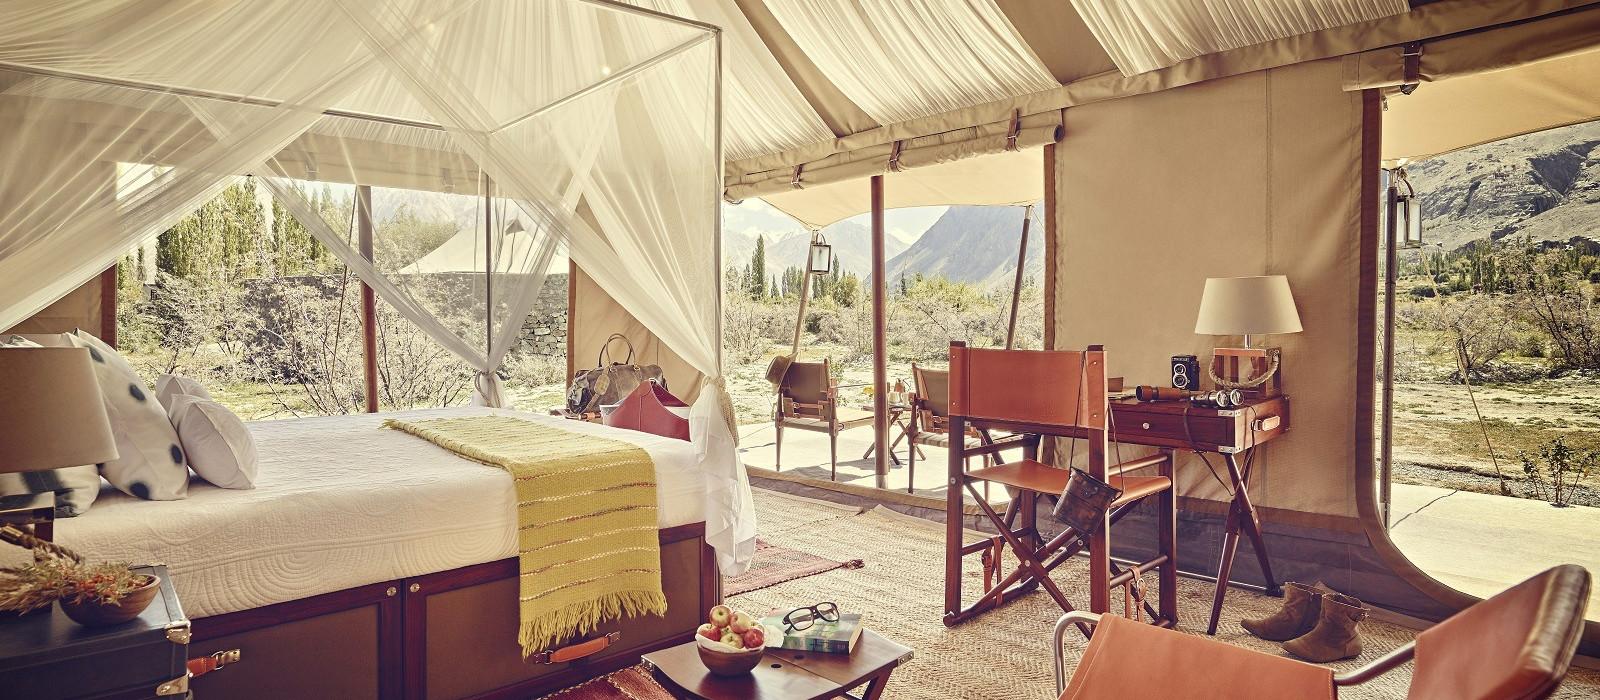 Hotel Chamba Camp, Diskit Himalaja